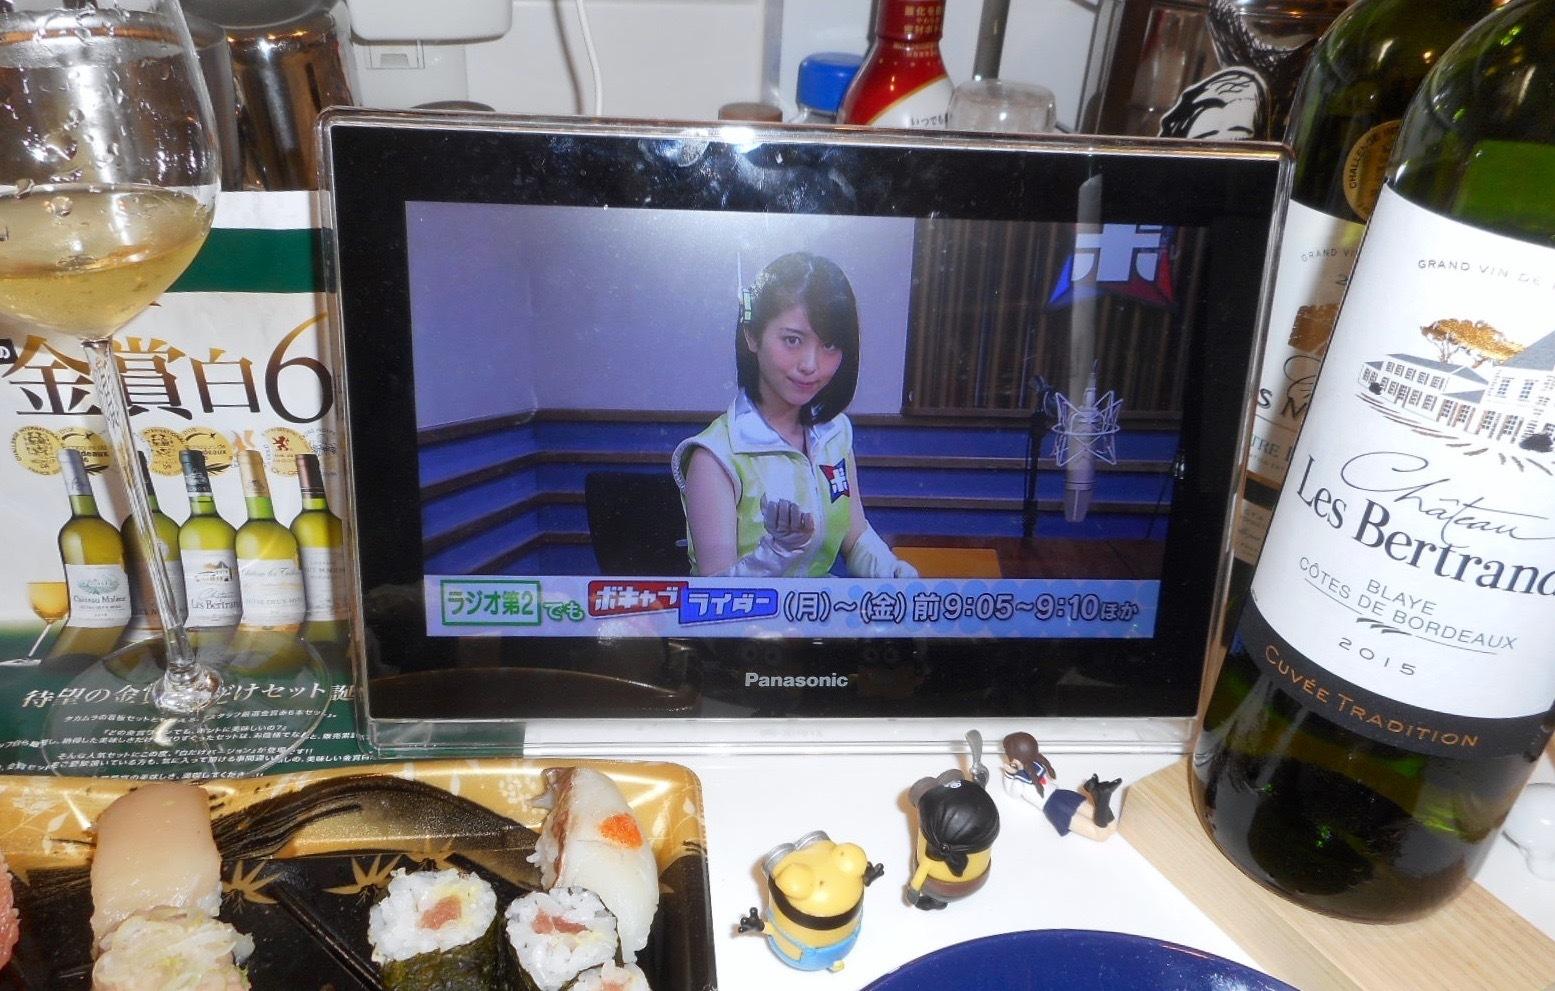 rokumaru_hattan_nigori29by2_18.jpg